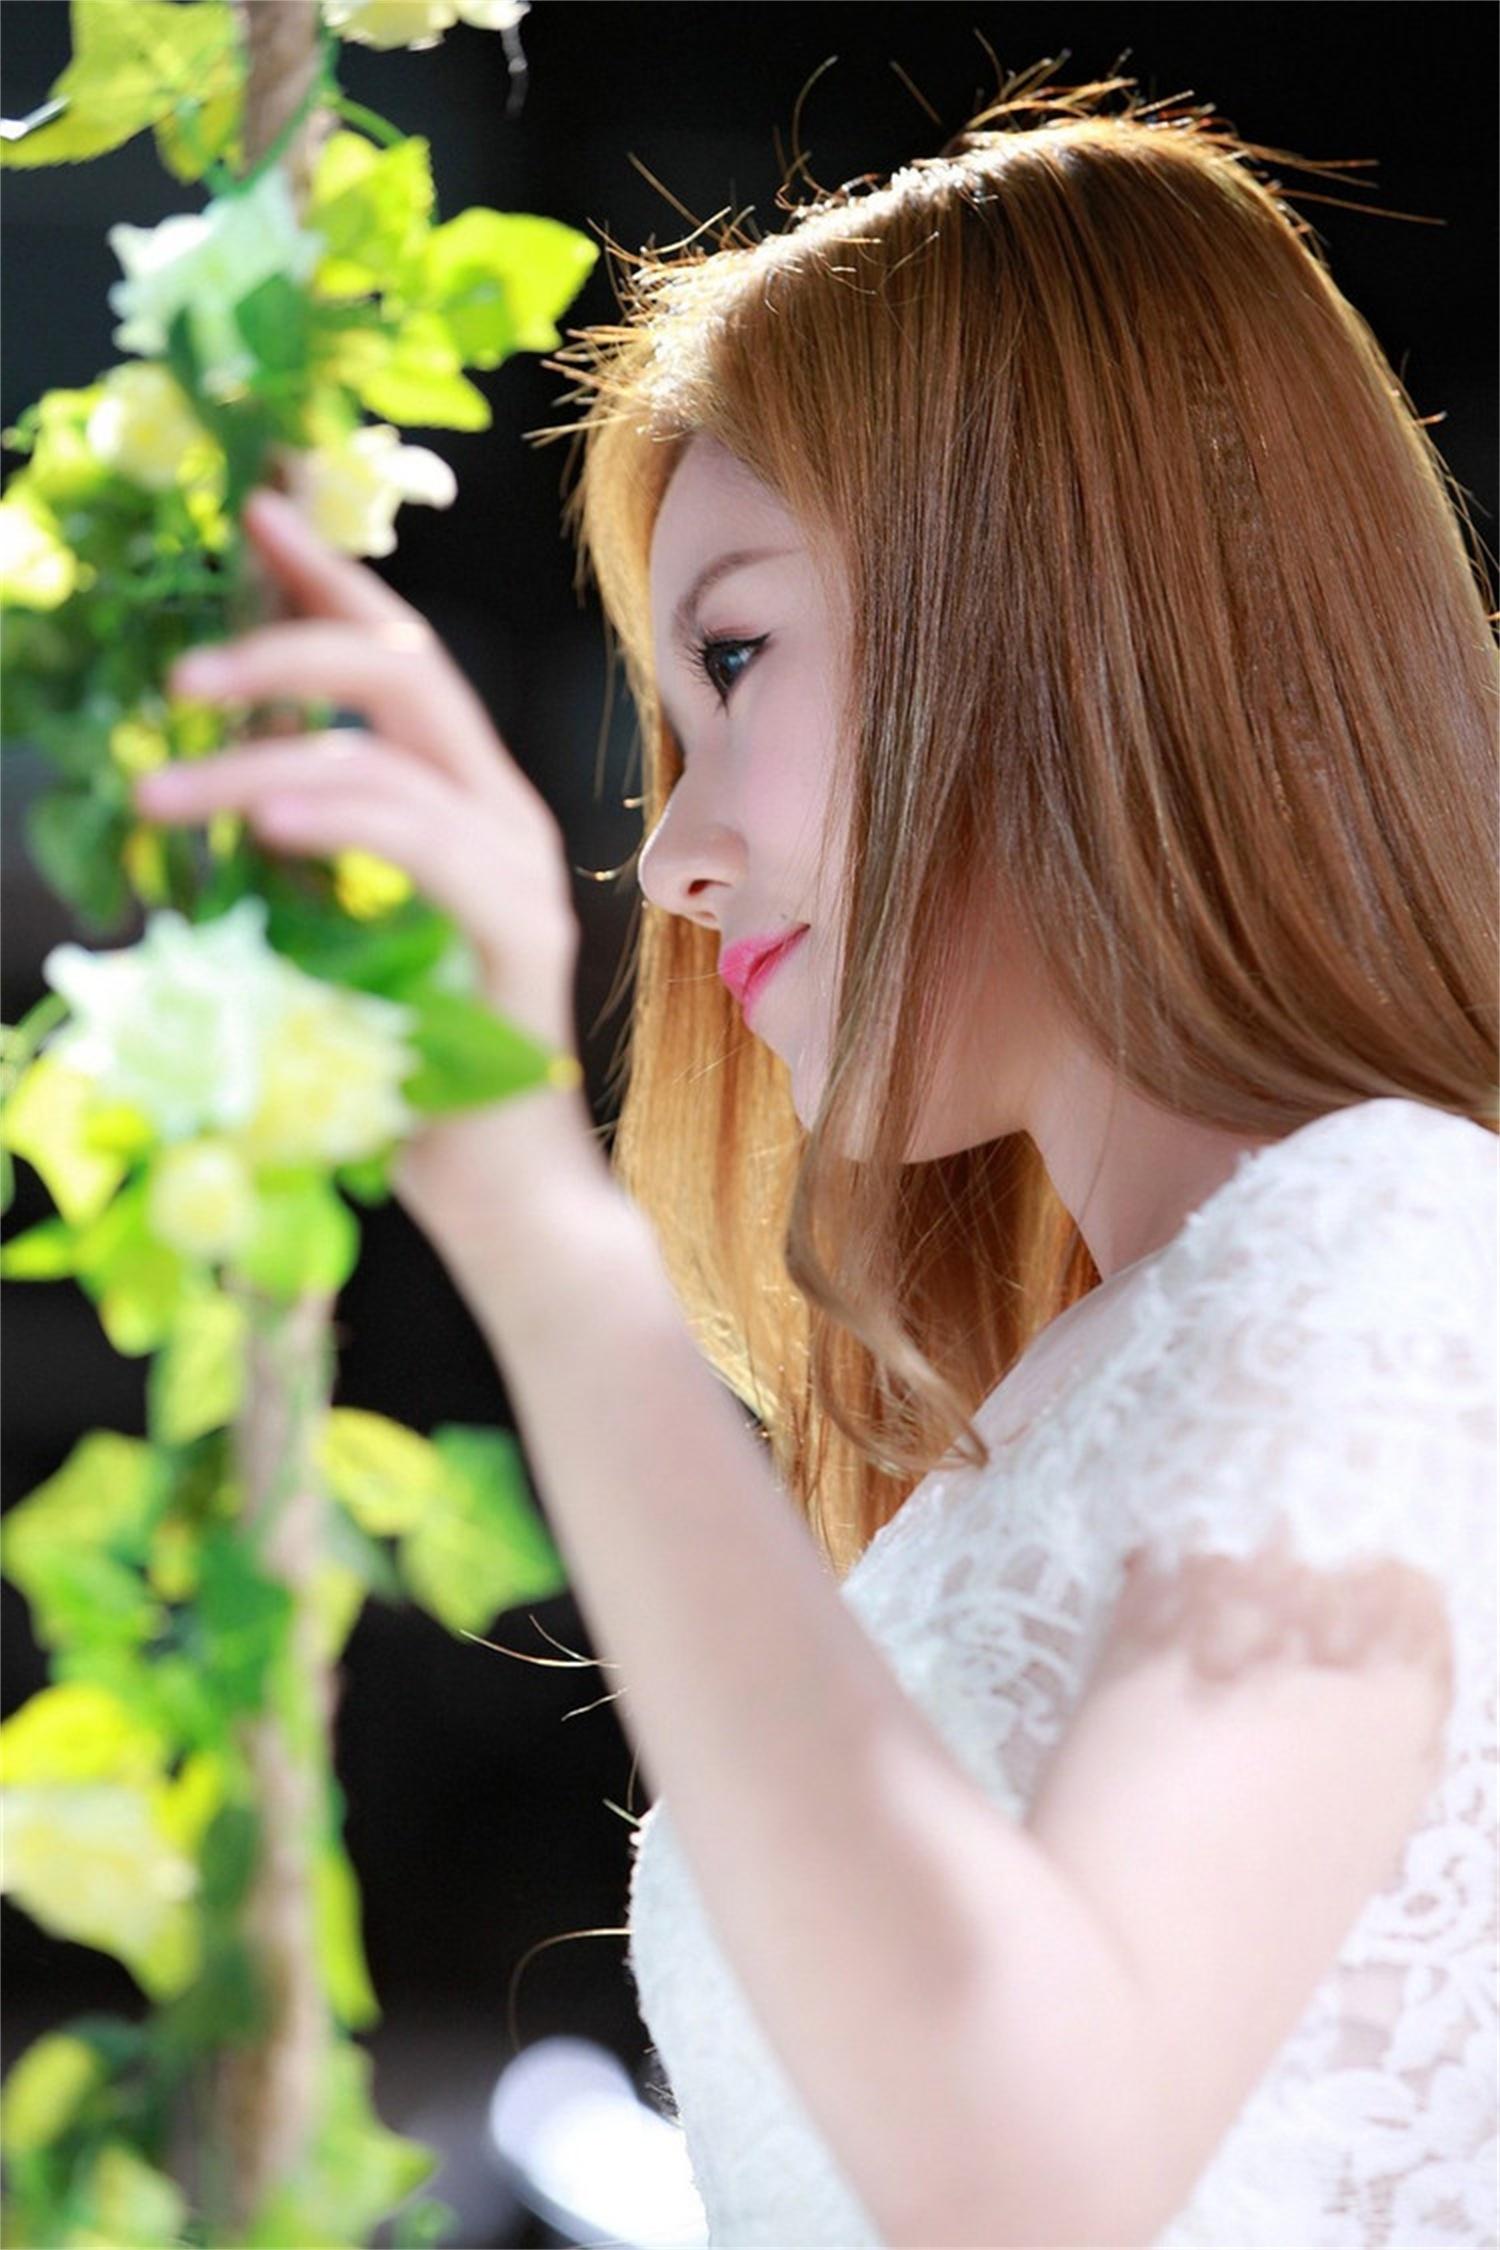 我想把一颗心,交给你【情感美文】 - 水墨凝烟 - 花仙子的博客.